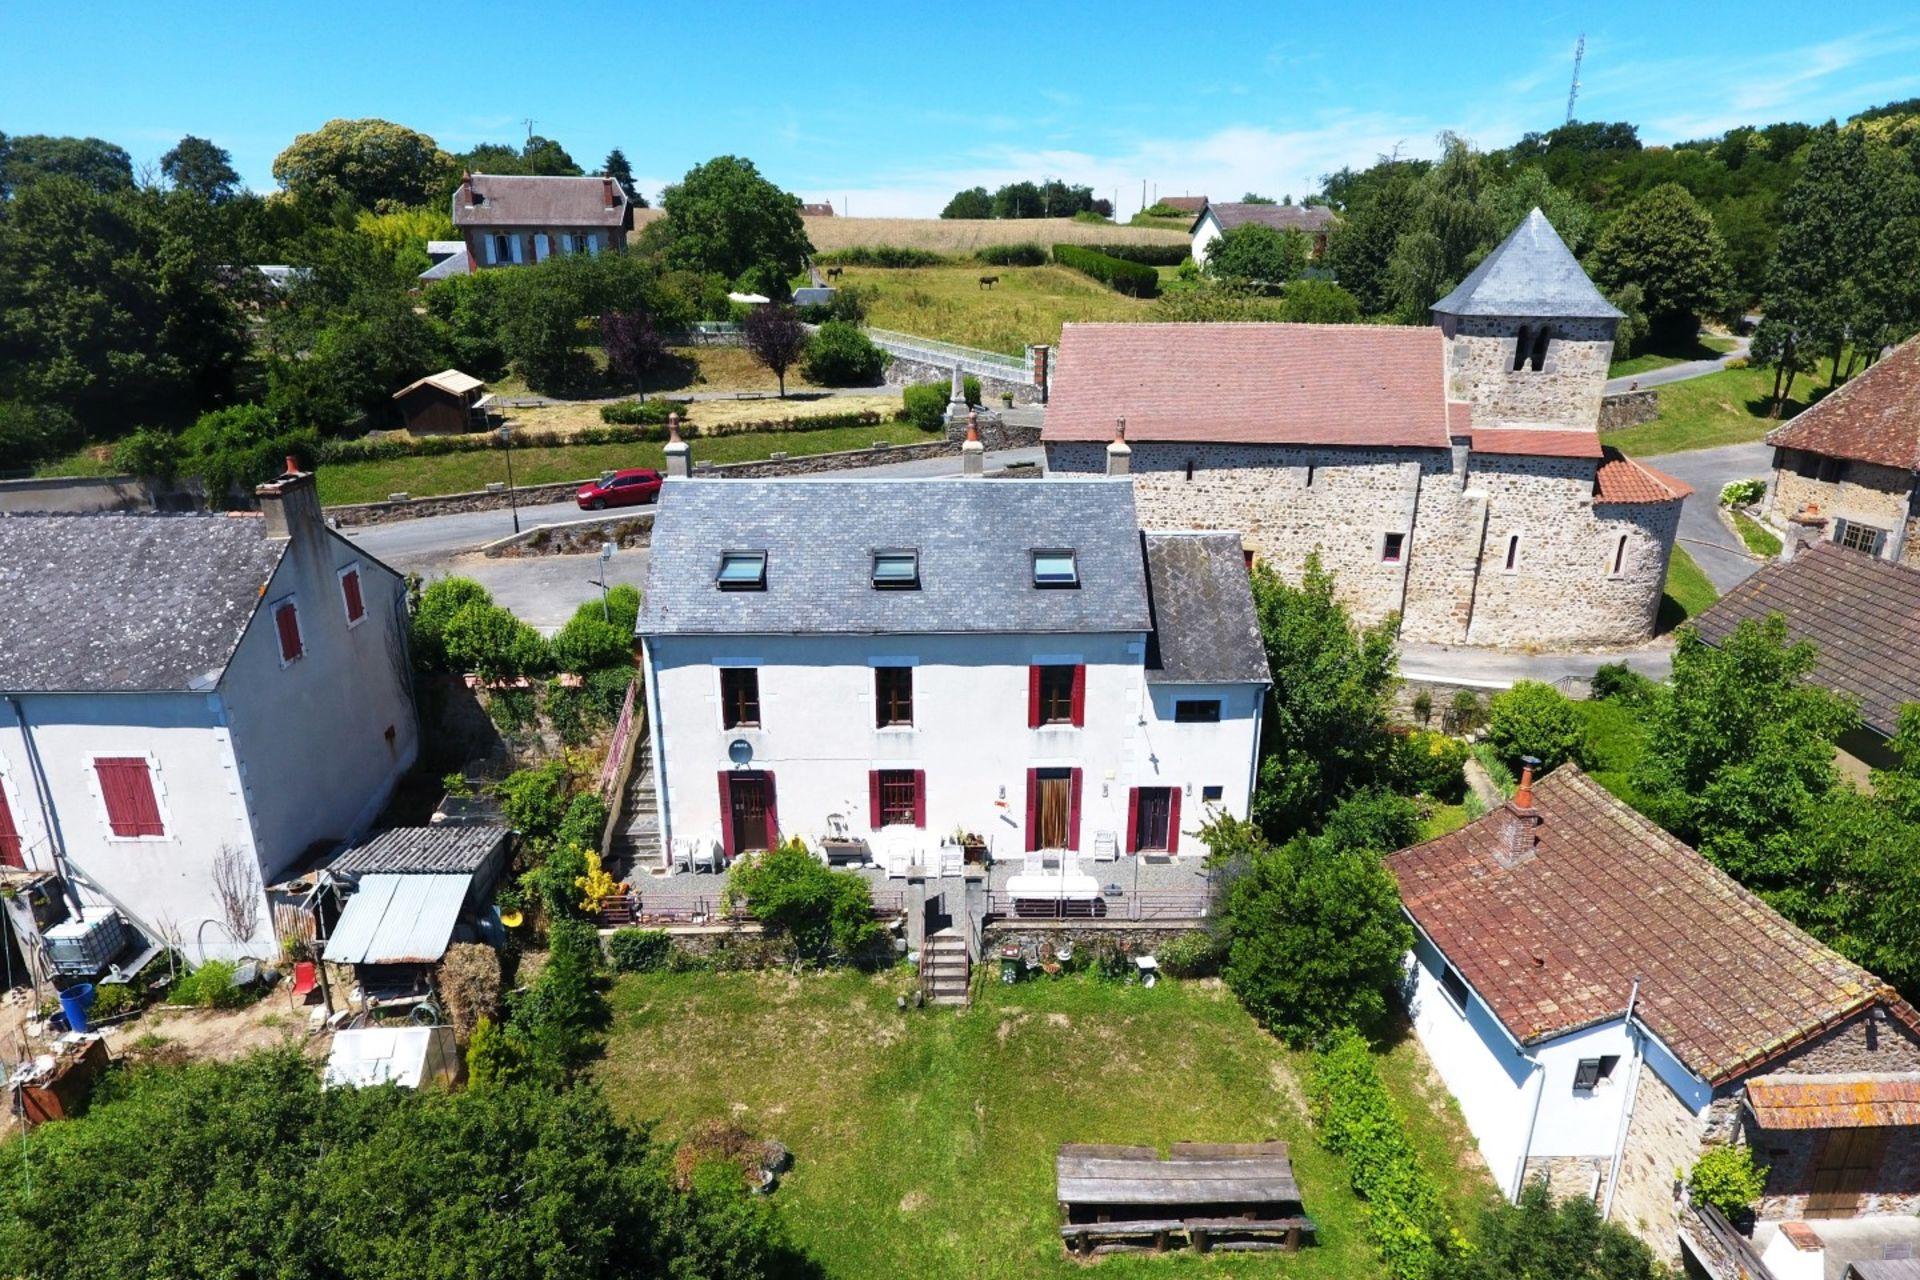 Huizen Verhuur Frankrijk : Koop ruim familiehuis met gîte voor de verhuur in bourgogne